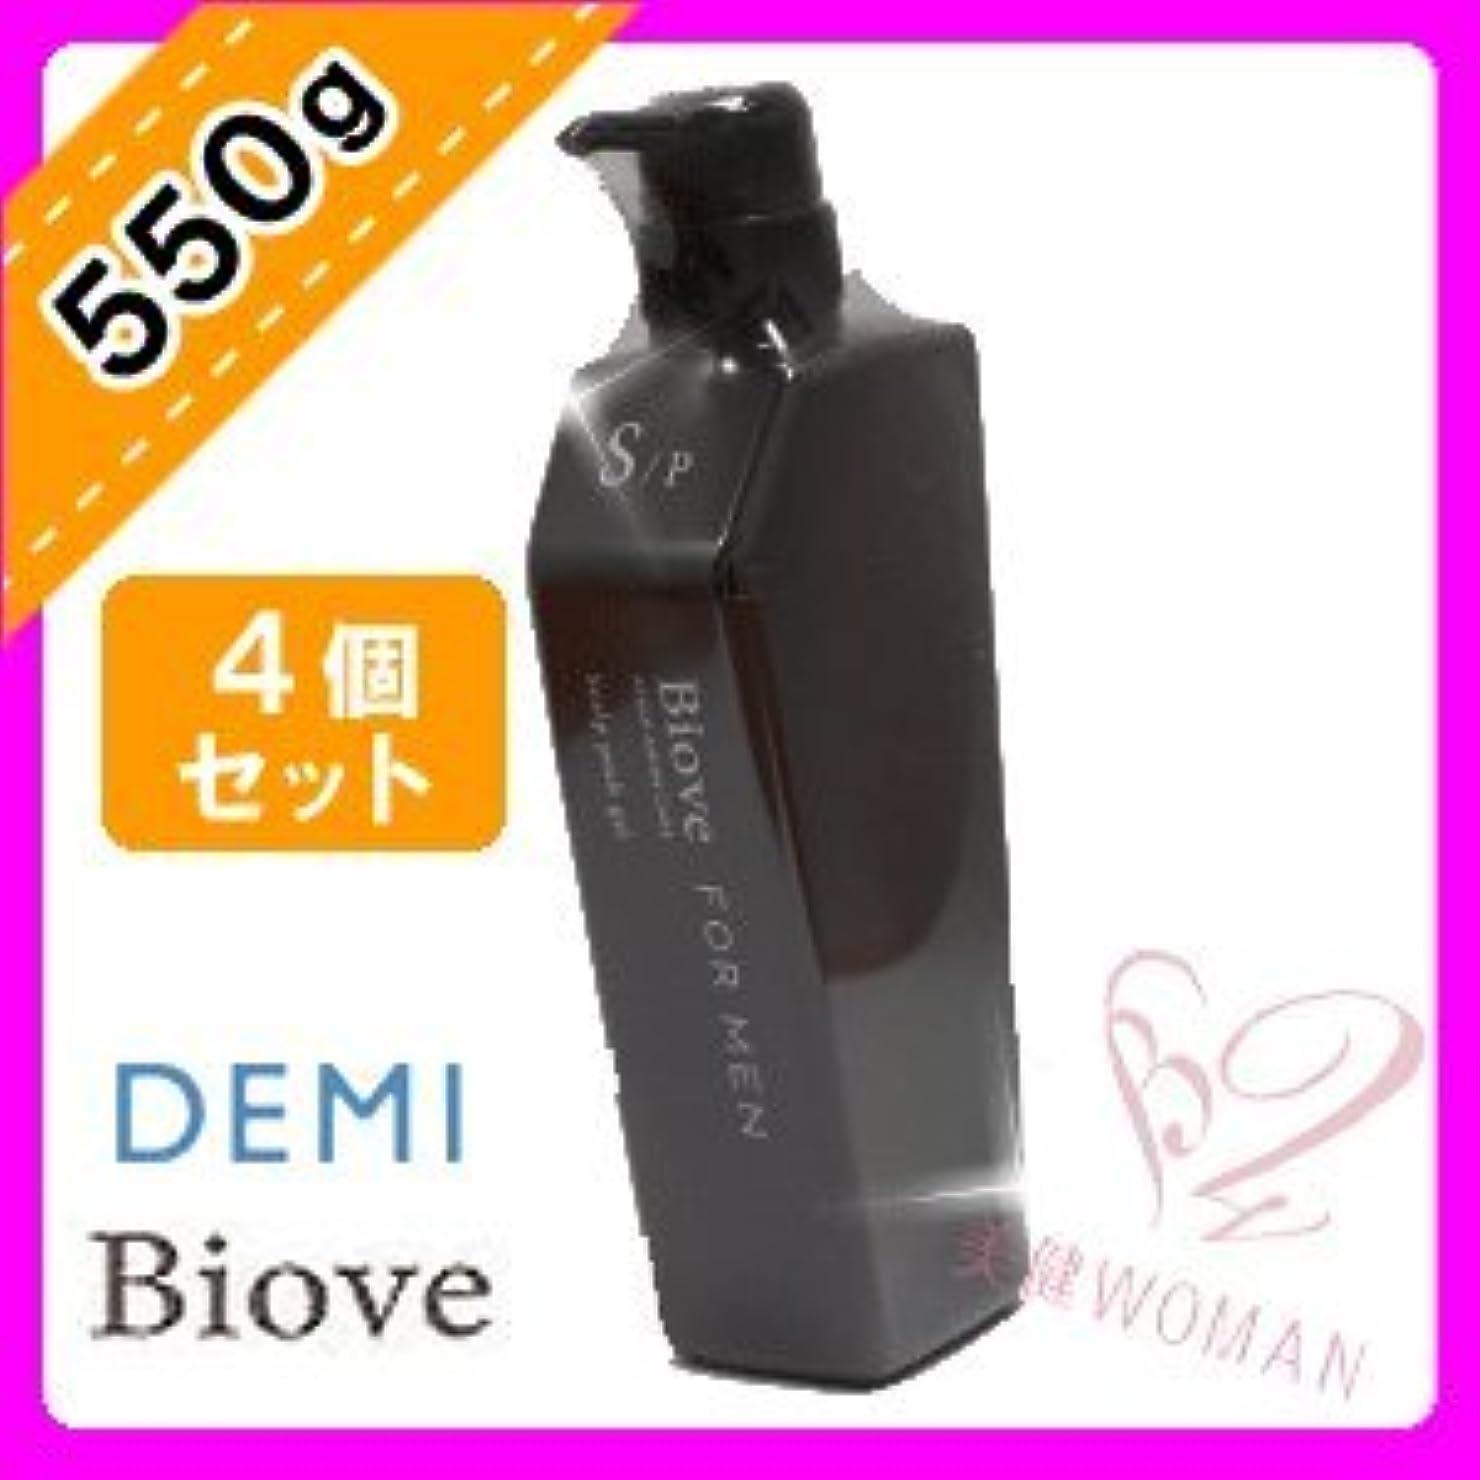 最高和らげる変動するデミ ビオーブ フォーメン スキャルプパックジェル 550g ×4個セット ベタついた髪や頭皮をすっきり洗い上げる DEMI BIOVE FOR MEN 男性用ヘアケア メンズヘアケア メンズケア